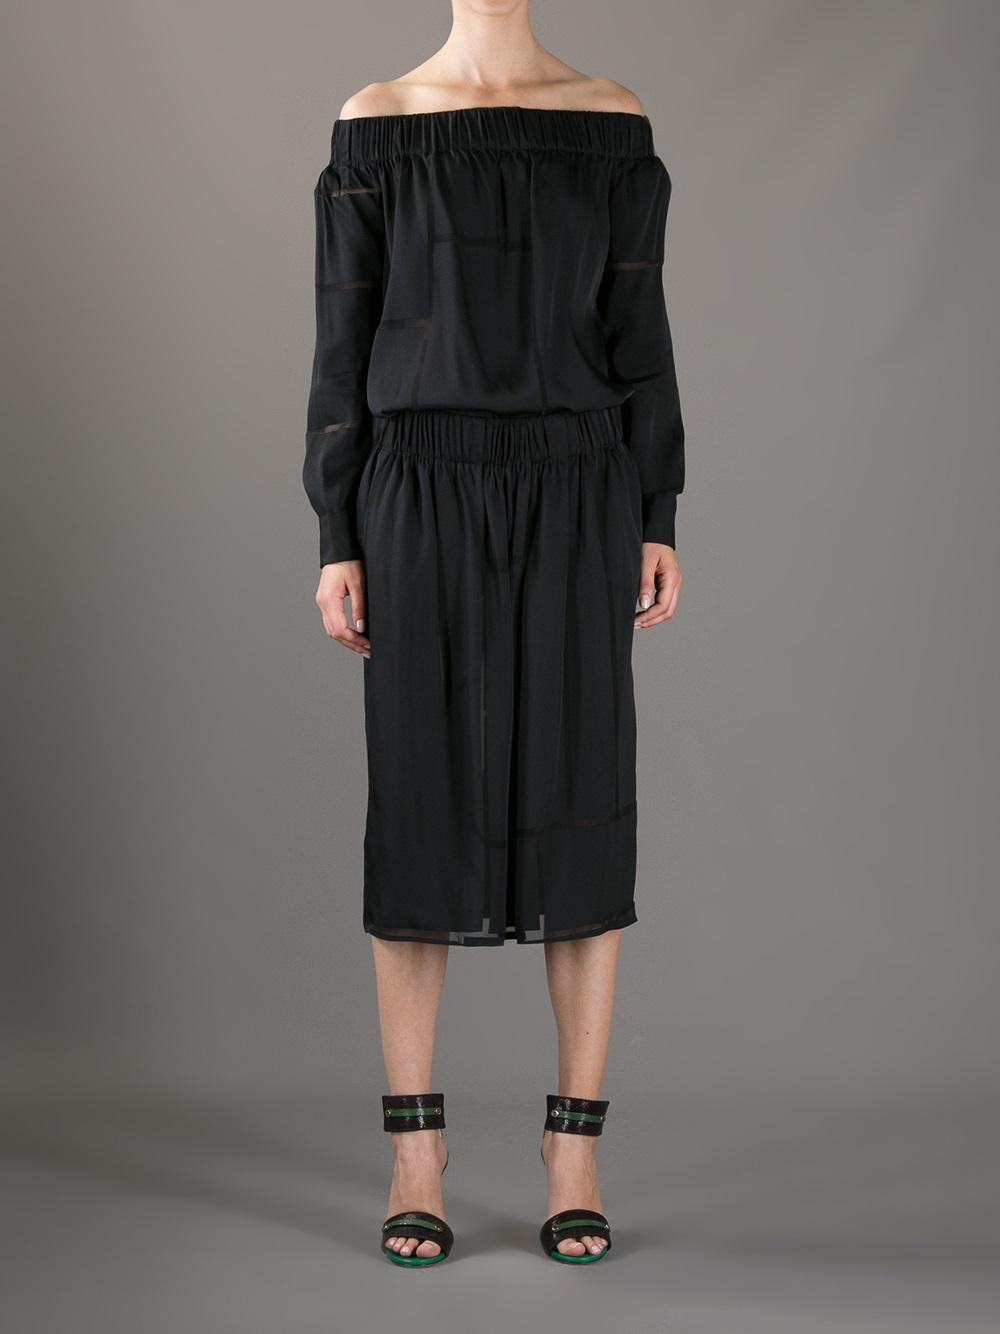 off-the-shoulder belted dress - Black Stella McCartney jmU6R2sk